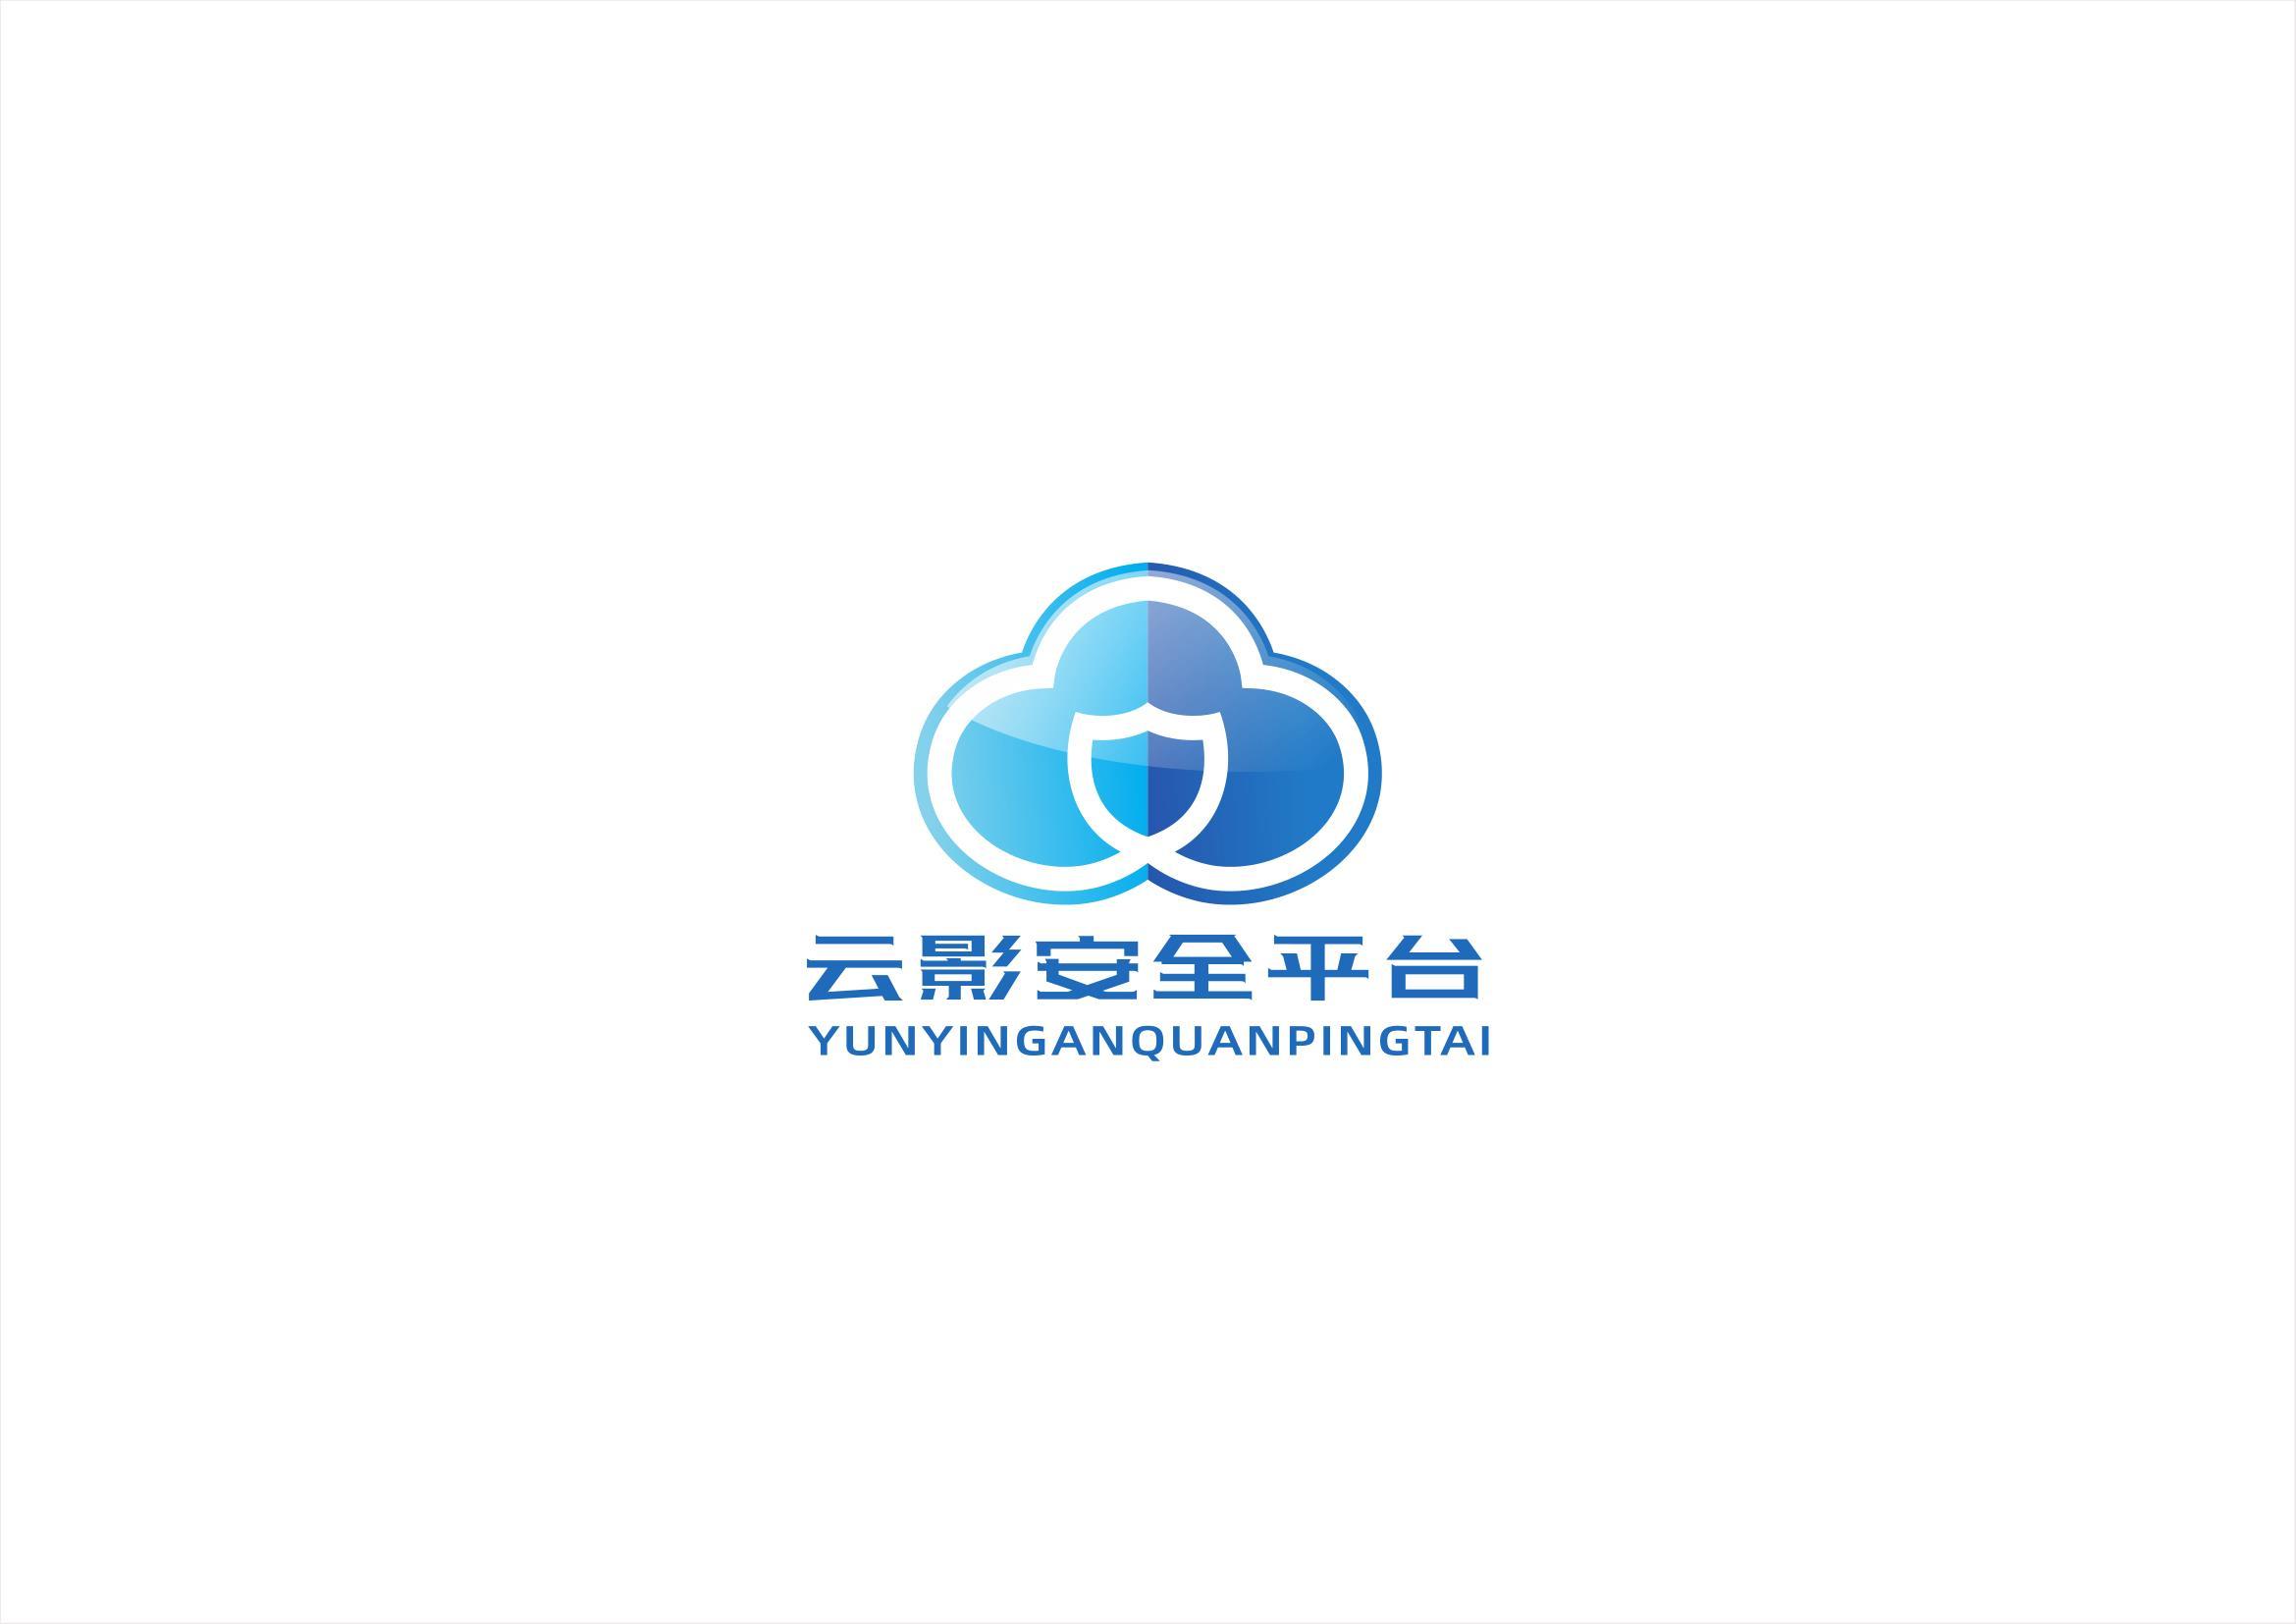 北京云图精英科技有限公司1